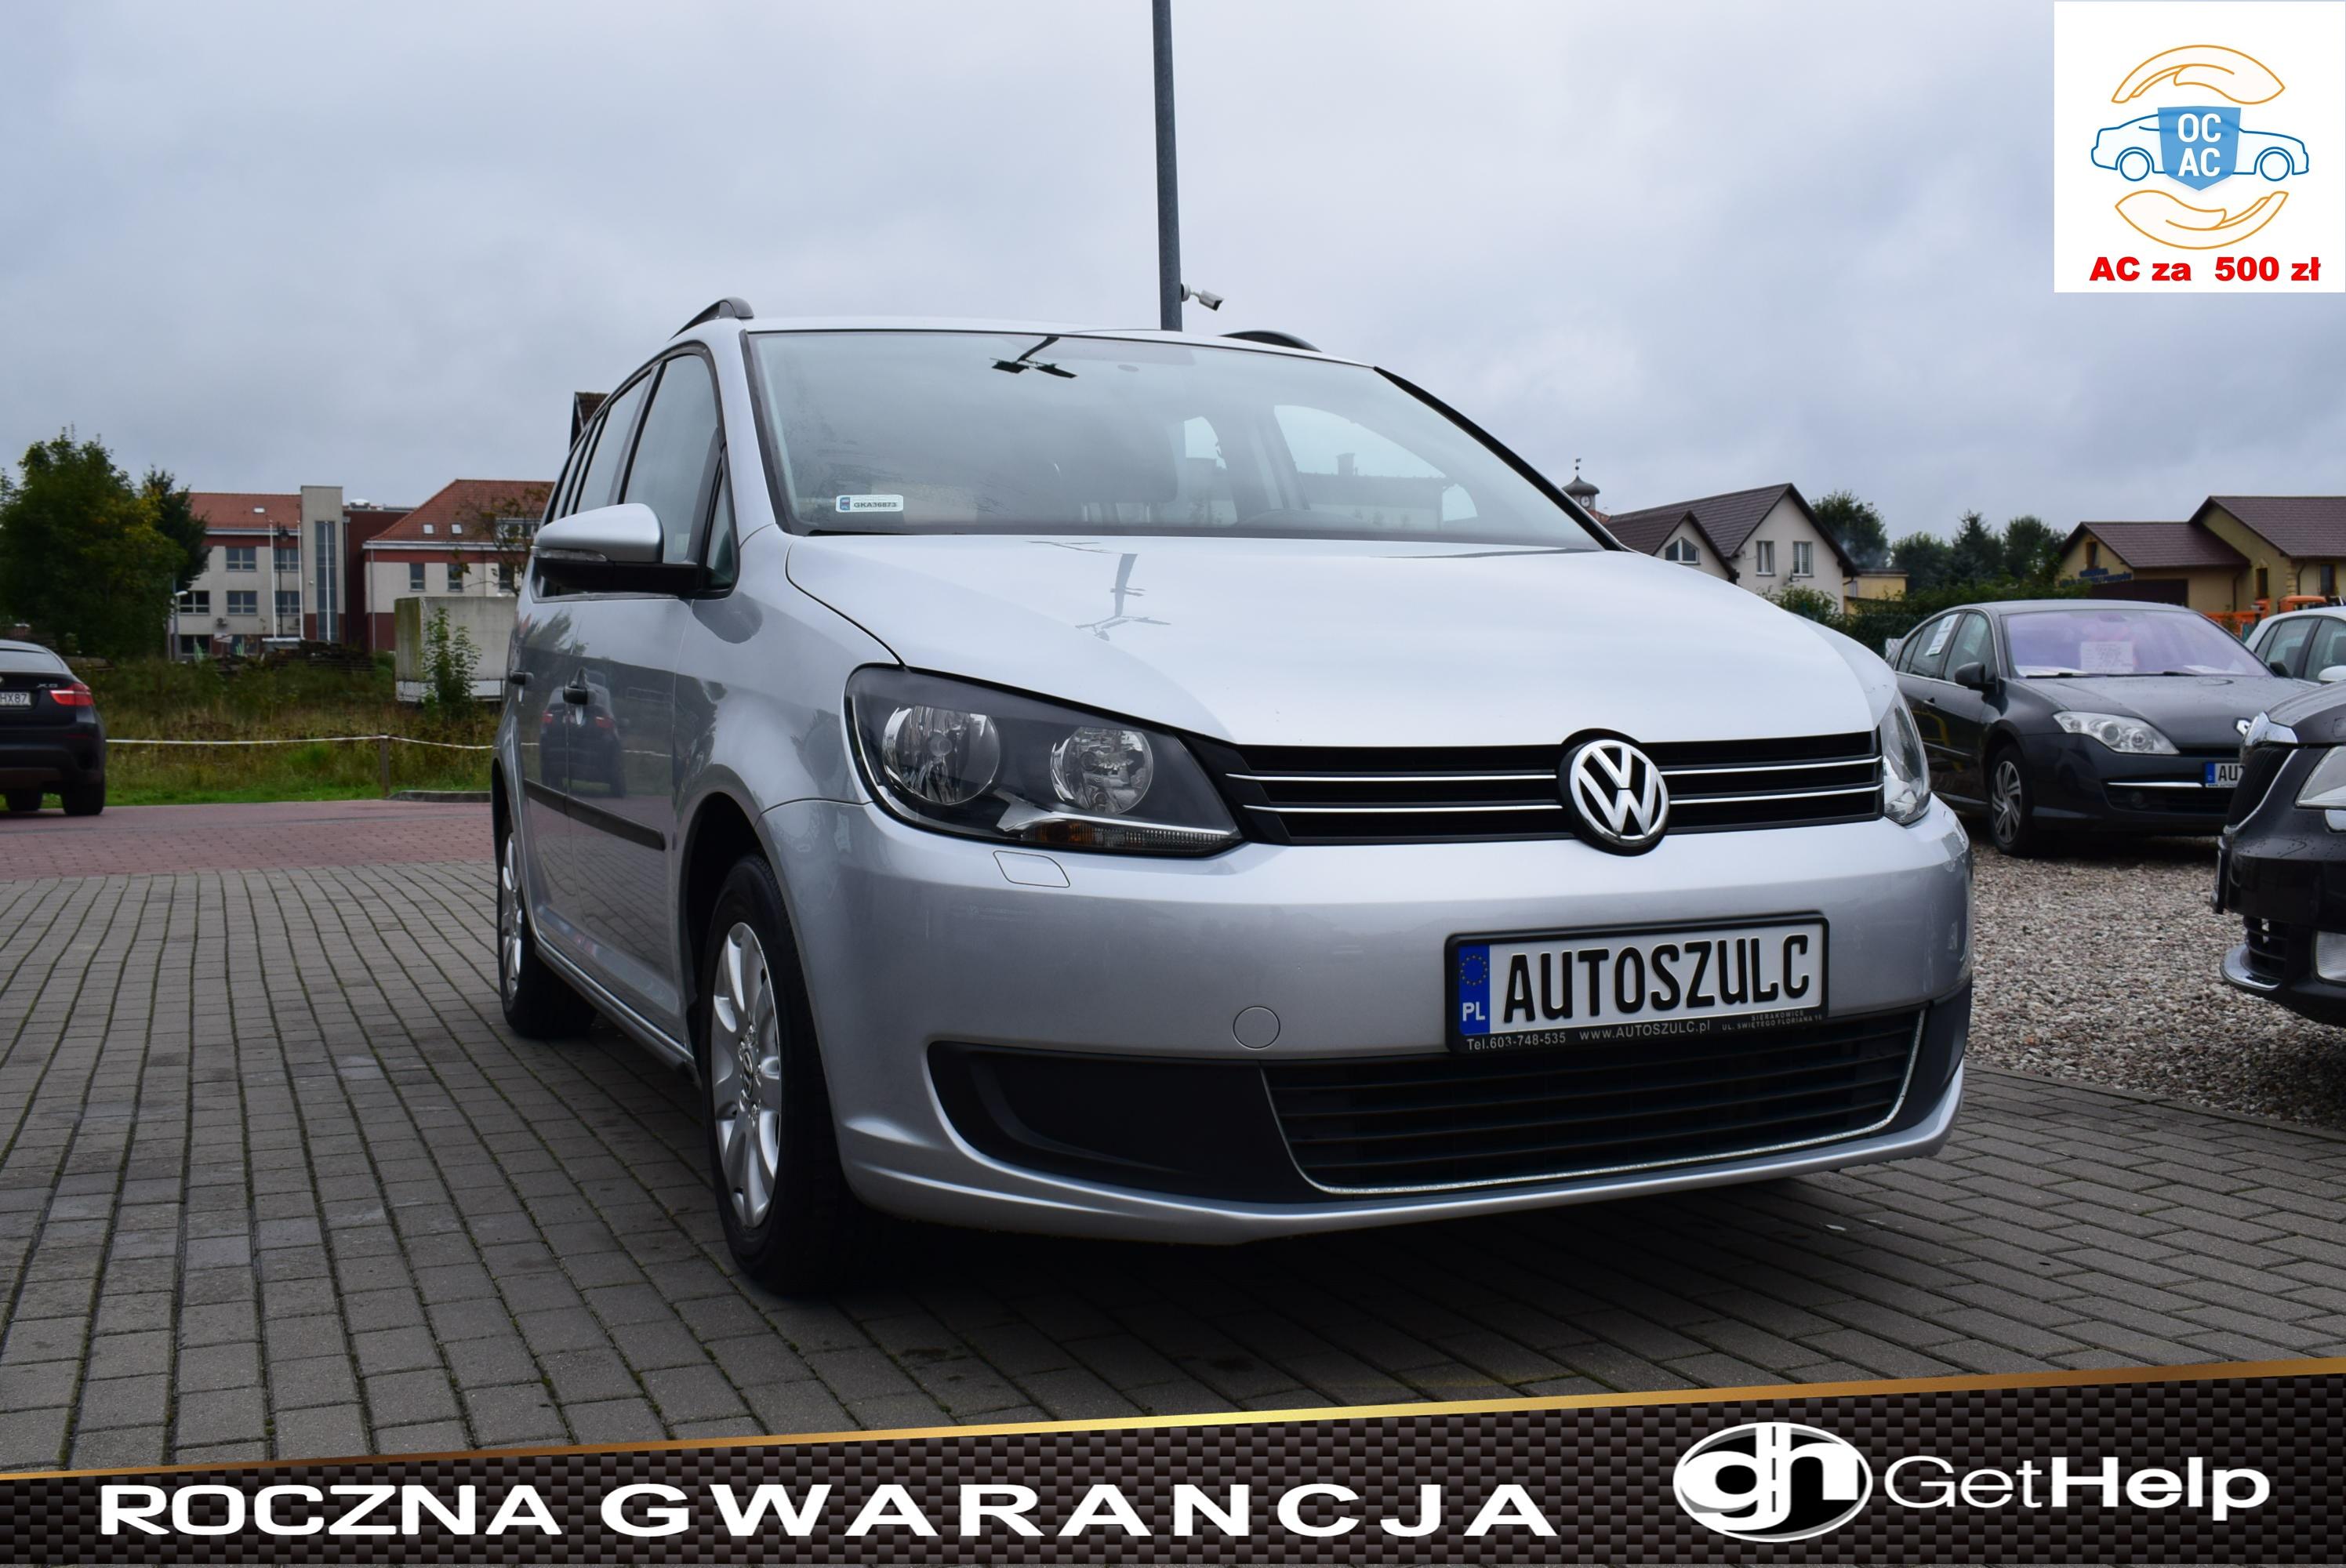 VW Touran 1.6 TDI, Zarejestrowany, 7-Osobowy, Opłacony, Bardzo dobry stan, Rok Gwarancji